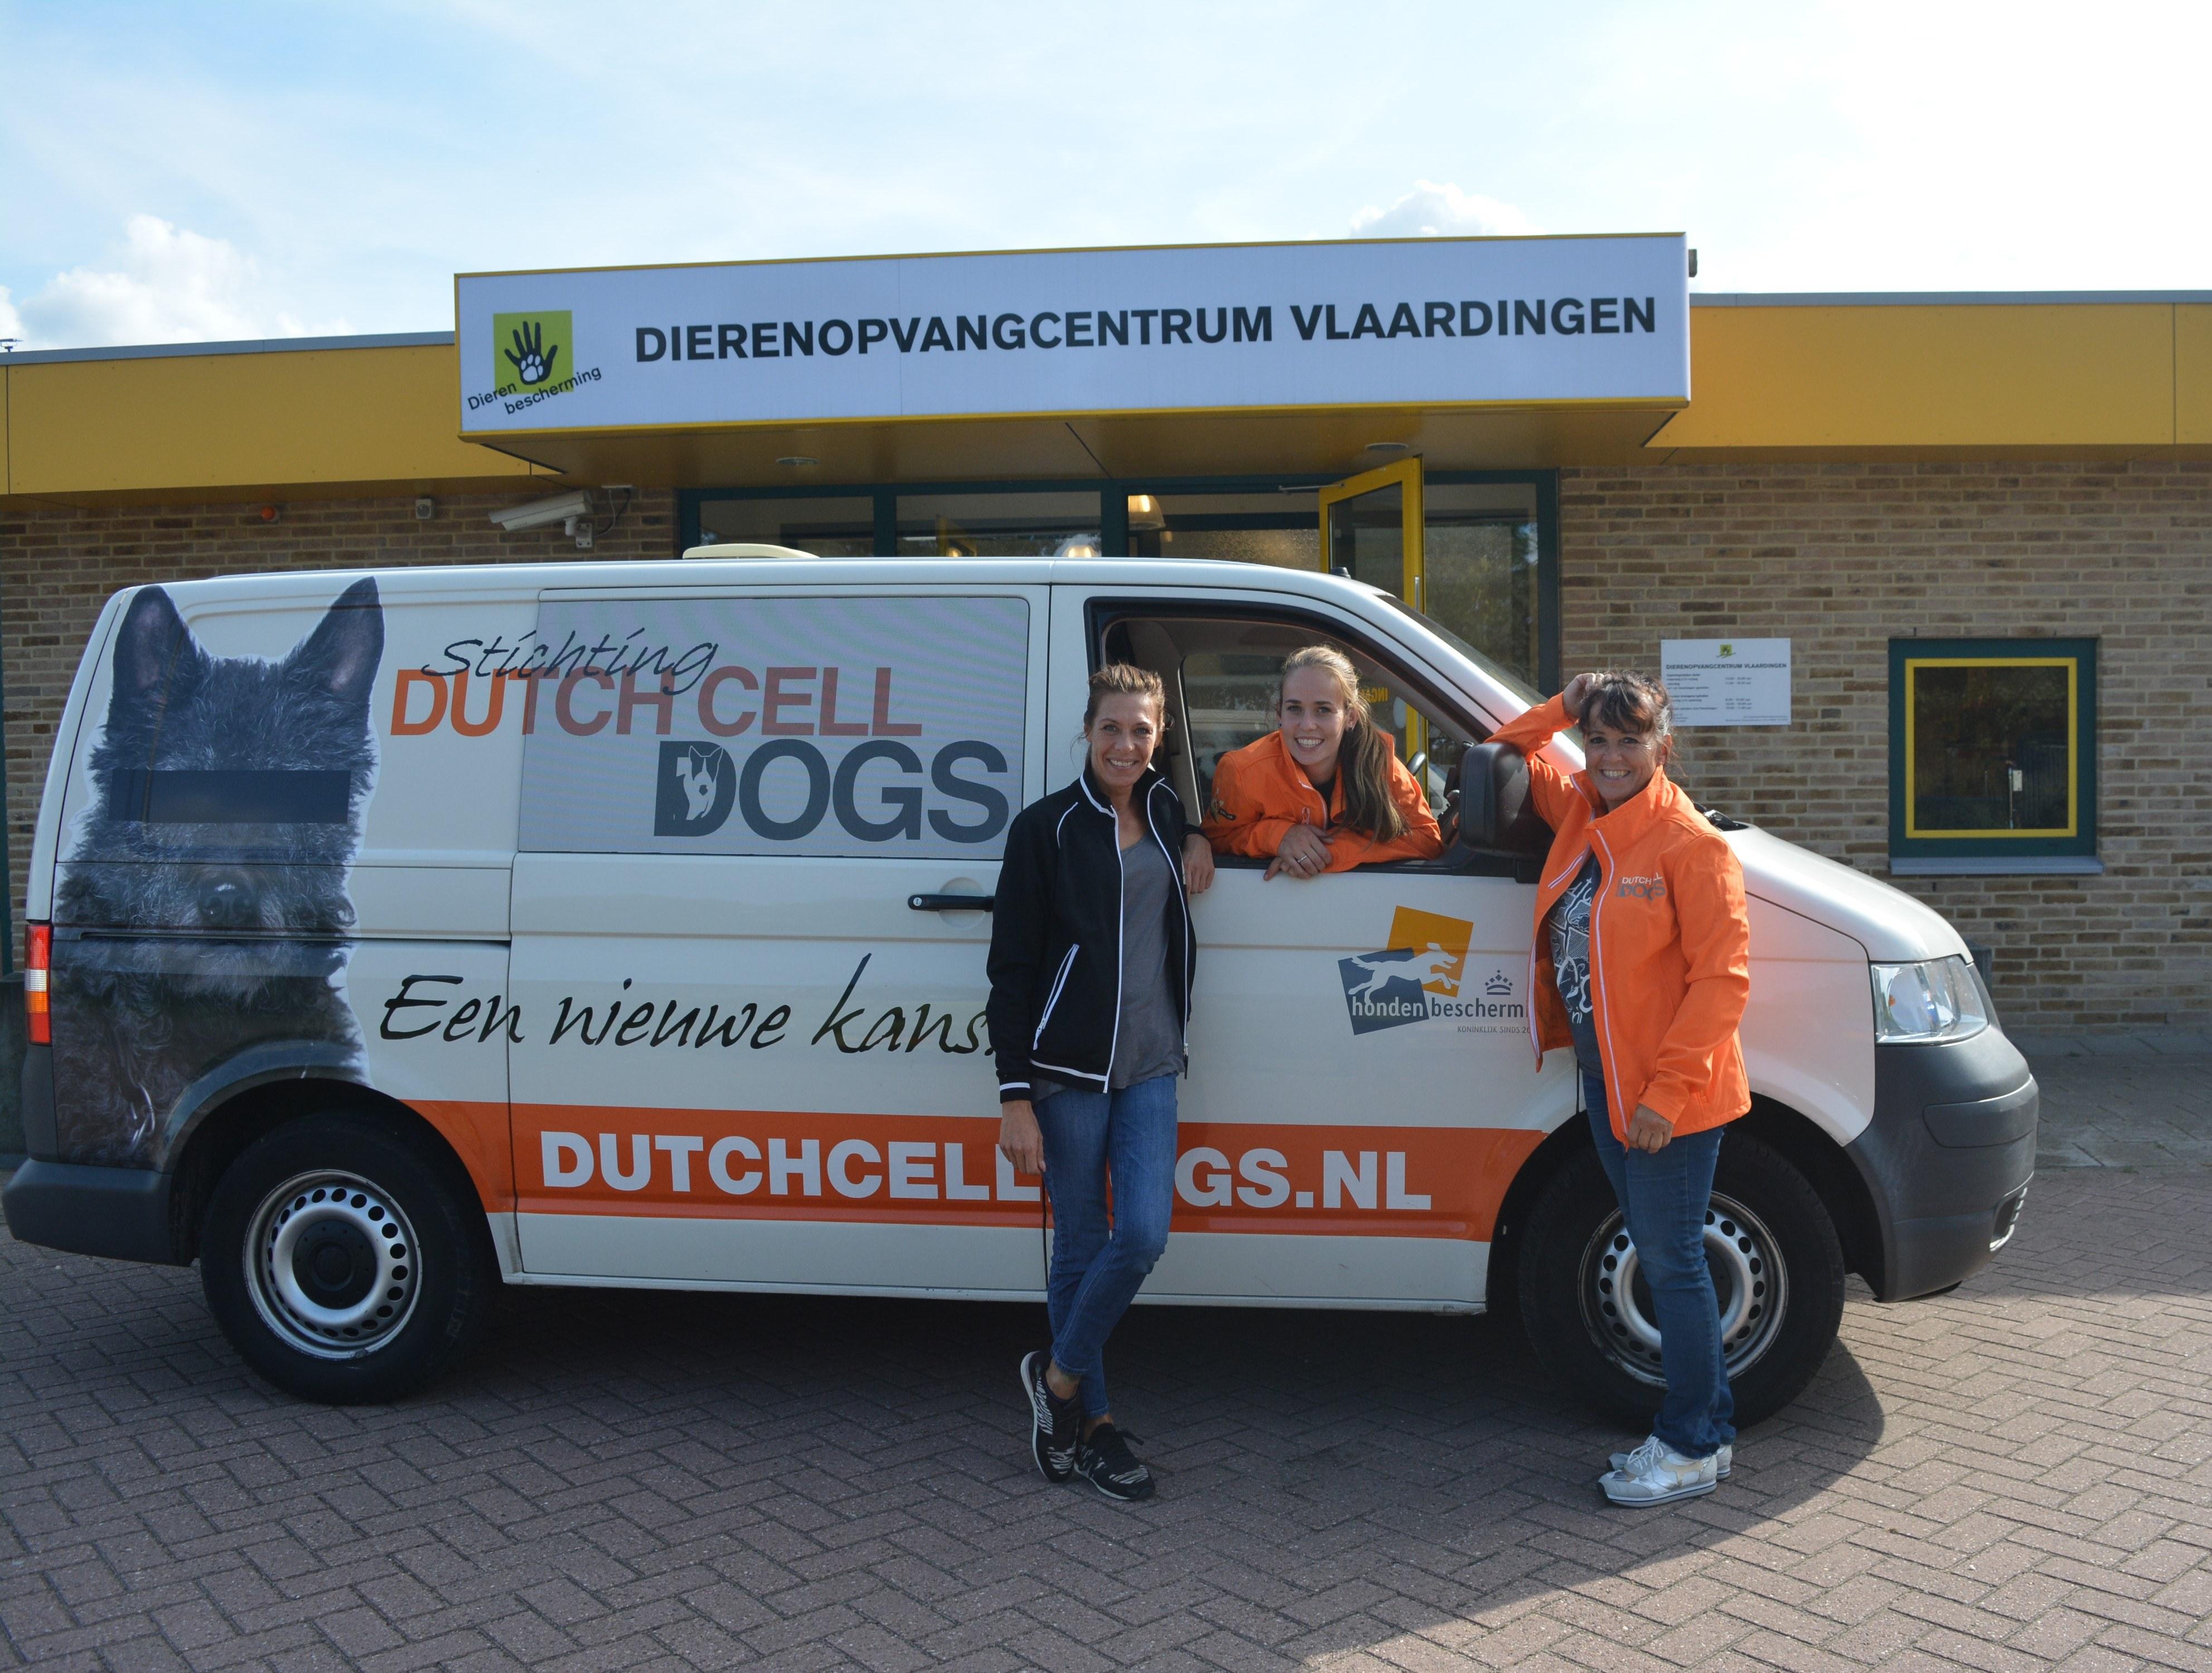 Samenwerking Dutch Cell Dogs